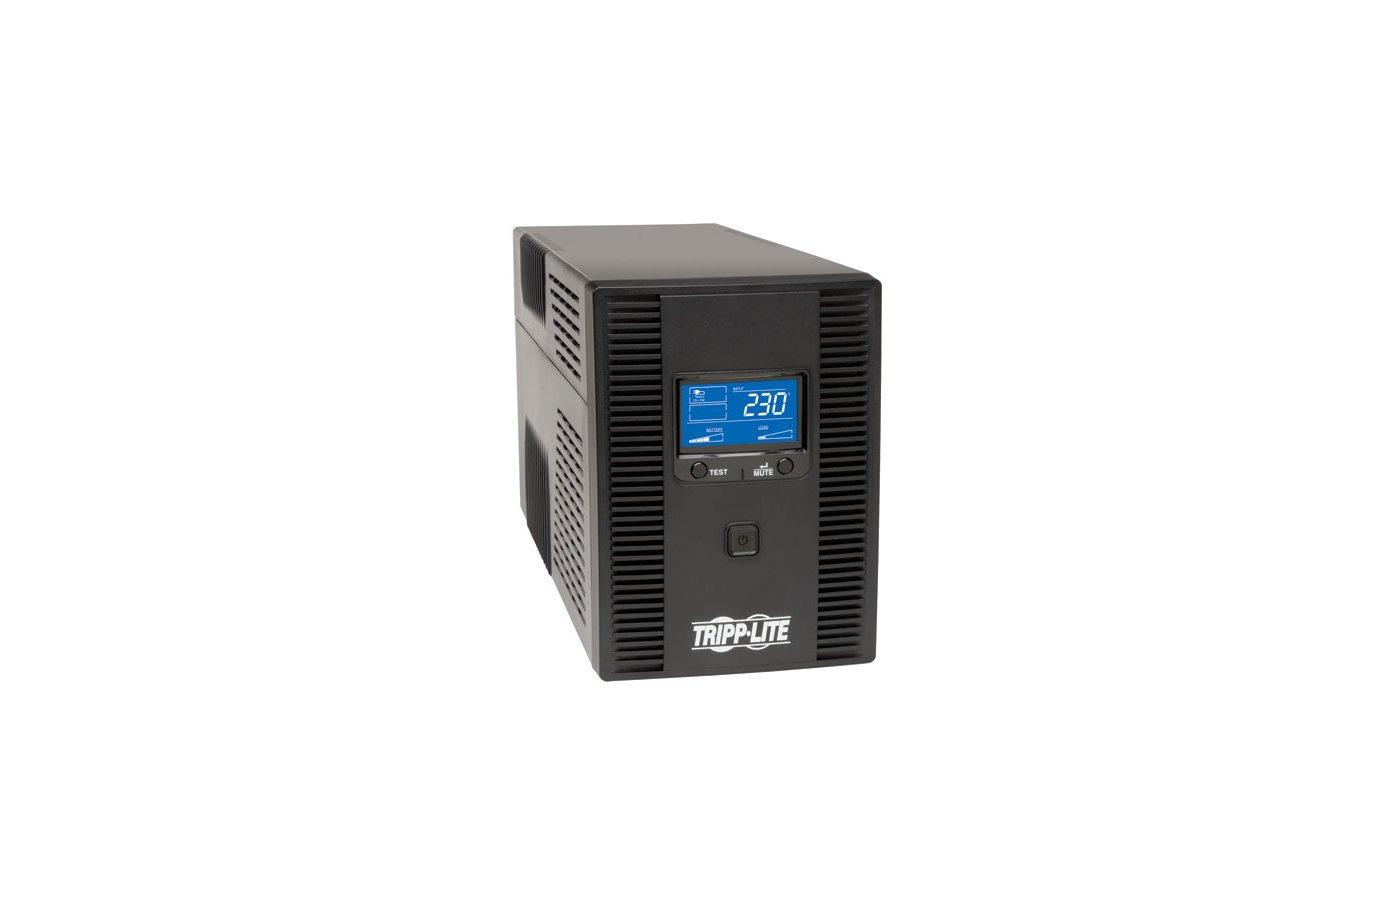 Блок питания Tripplite Smart LCD SMX1500LCDT 1500VA черный вертикальном исполнении с ЖК-дисплеем и USB-портом, но